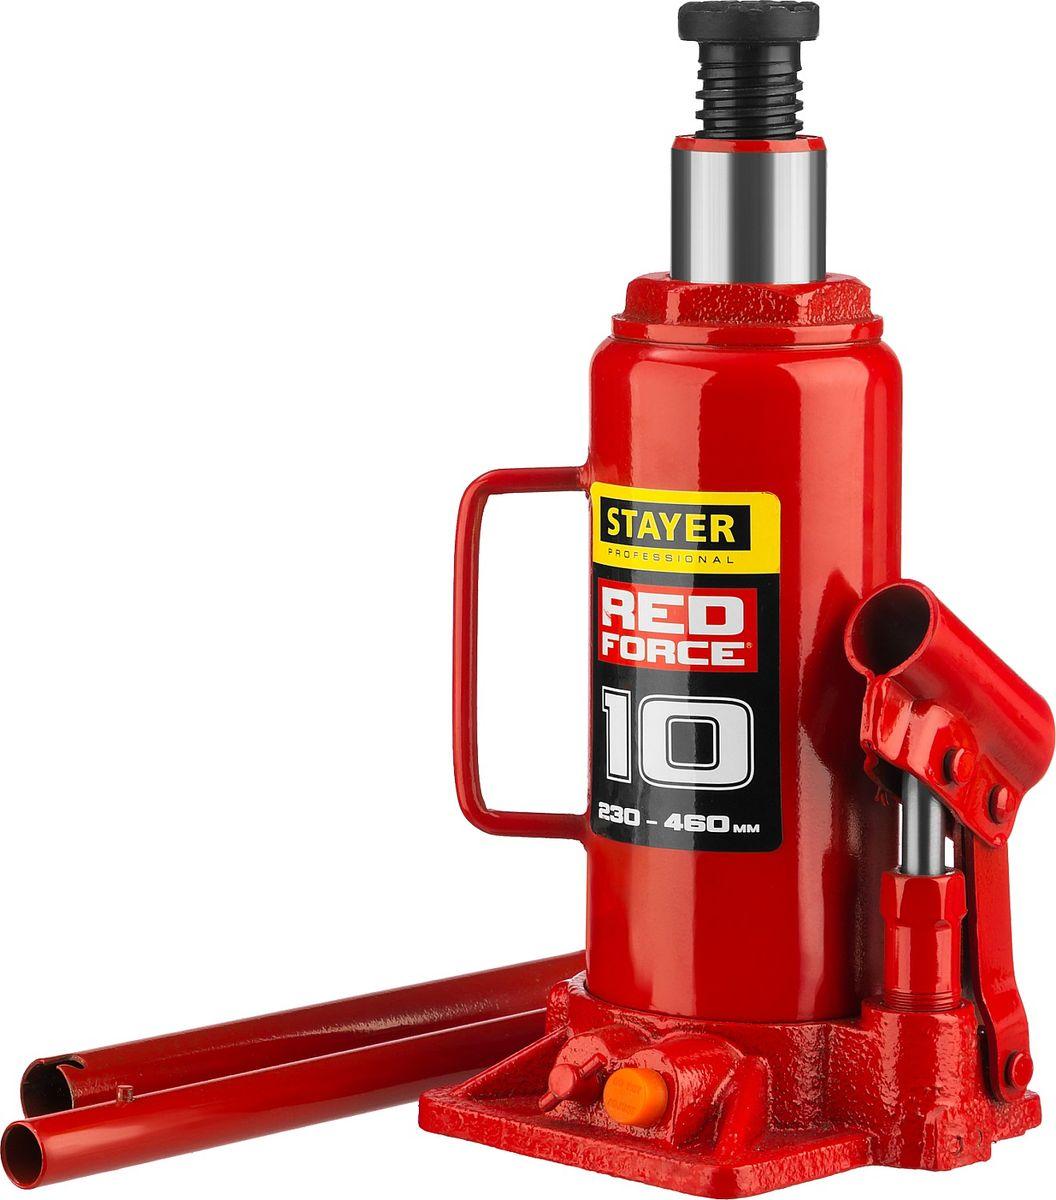 Домкрат Stayer Red Force, гидравлический бутылочный, 10 т, высота подъема 23-46 см43160-10_z01Домкрат гидравлический бутылочный Stayer 43160-10_z01, используется для обслуживания автомобилей или при работах связанных с ремонтом фундаментов. Компактность, небольшой вес и высокая грузоподъемность позволяет использовать домкрат при проведении ремонтно-строительных работах. Компактный. Высокая грузоподъемность.